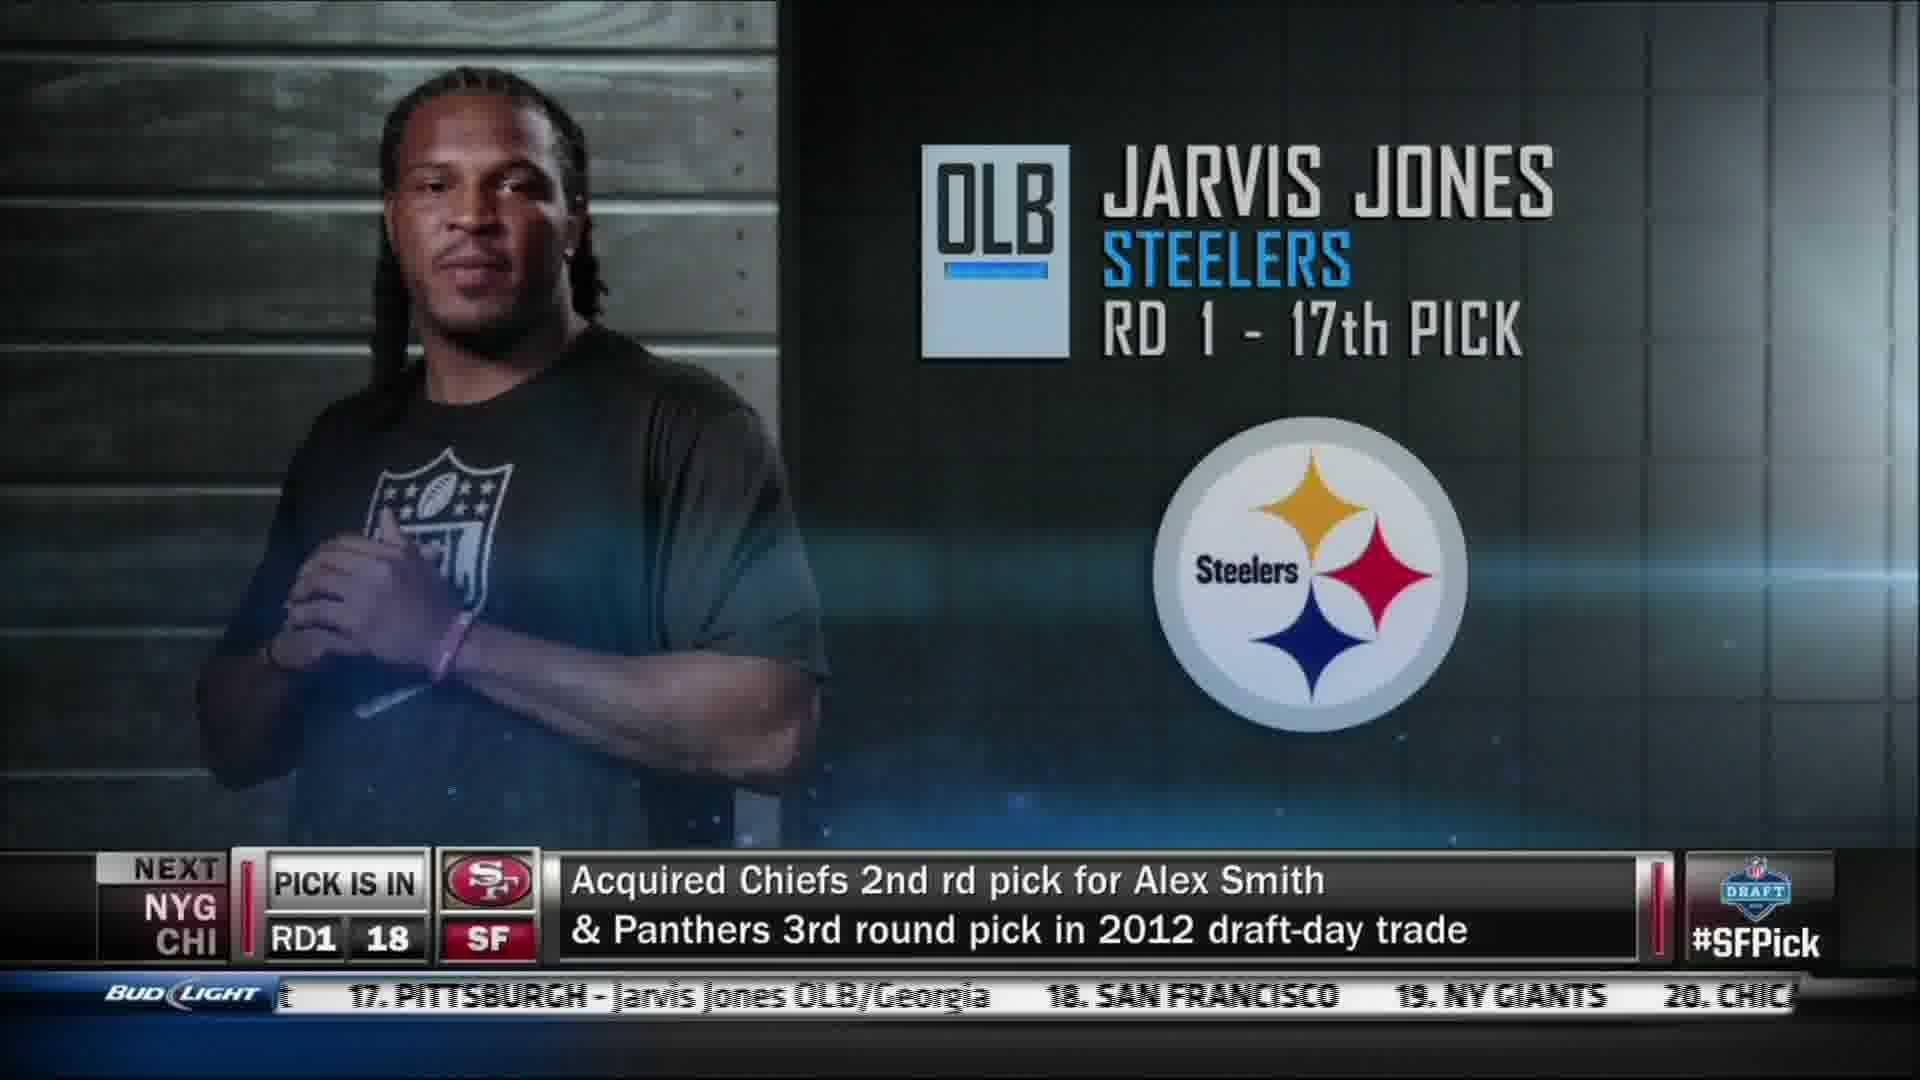 Jarvis Jones